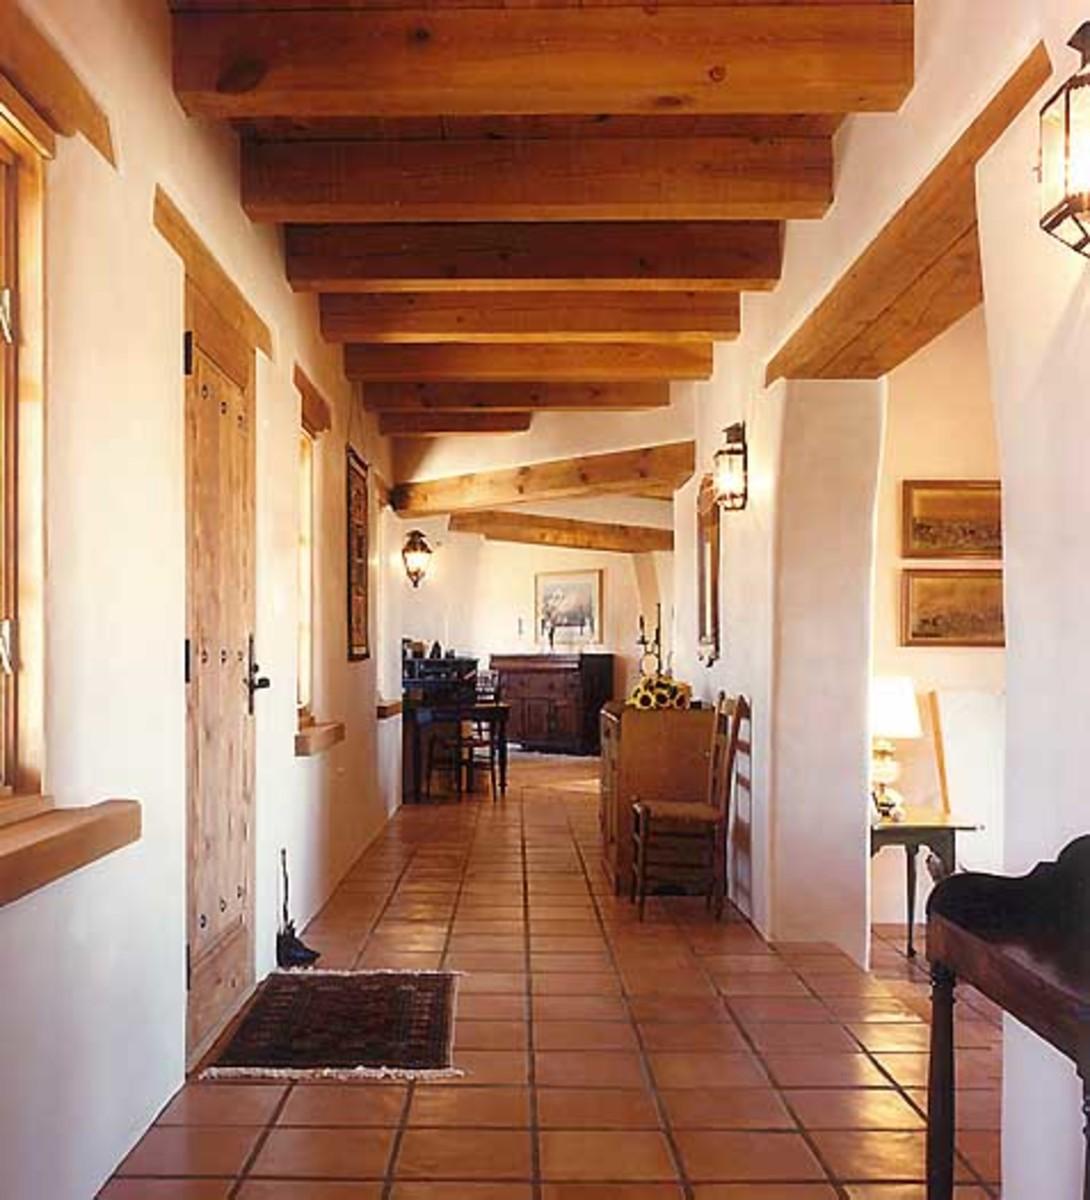 rustic, beams, hallway, ceiling